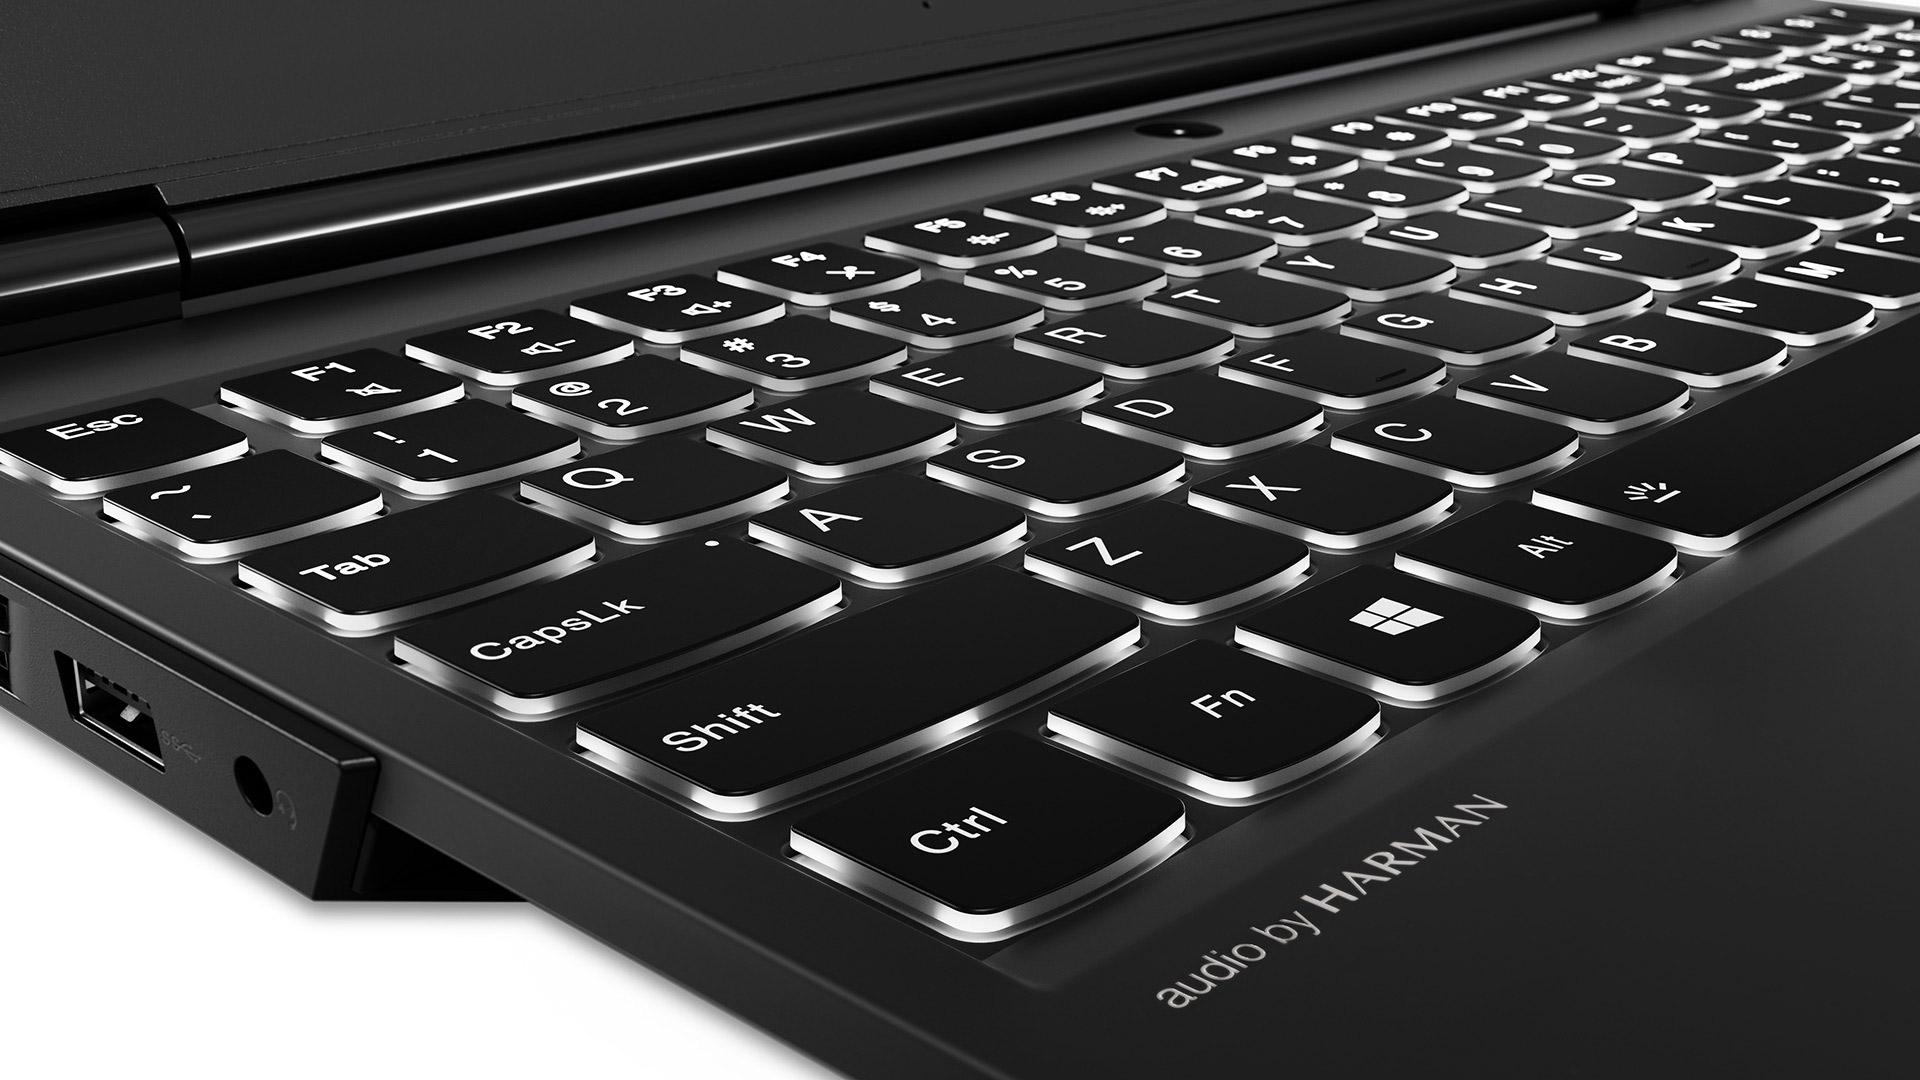 Nové herní notebooky Lenovo Legion Y530 - dospělejší a výkonnější ilustrace 3 lenovo legion y530